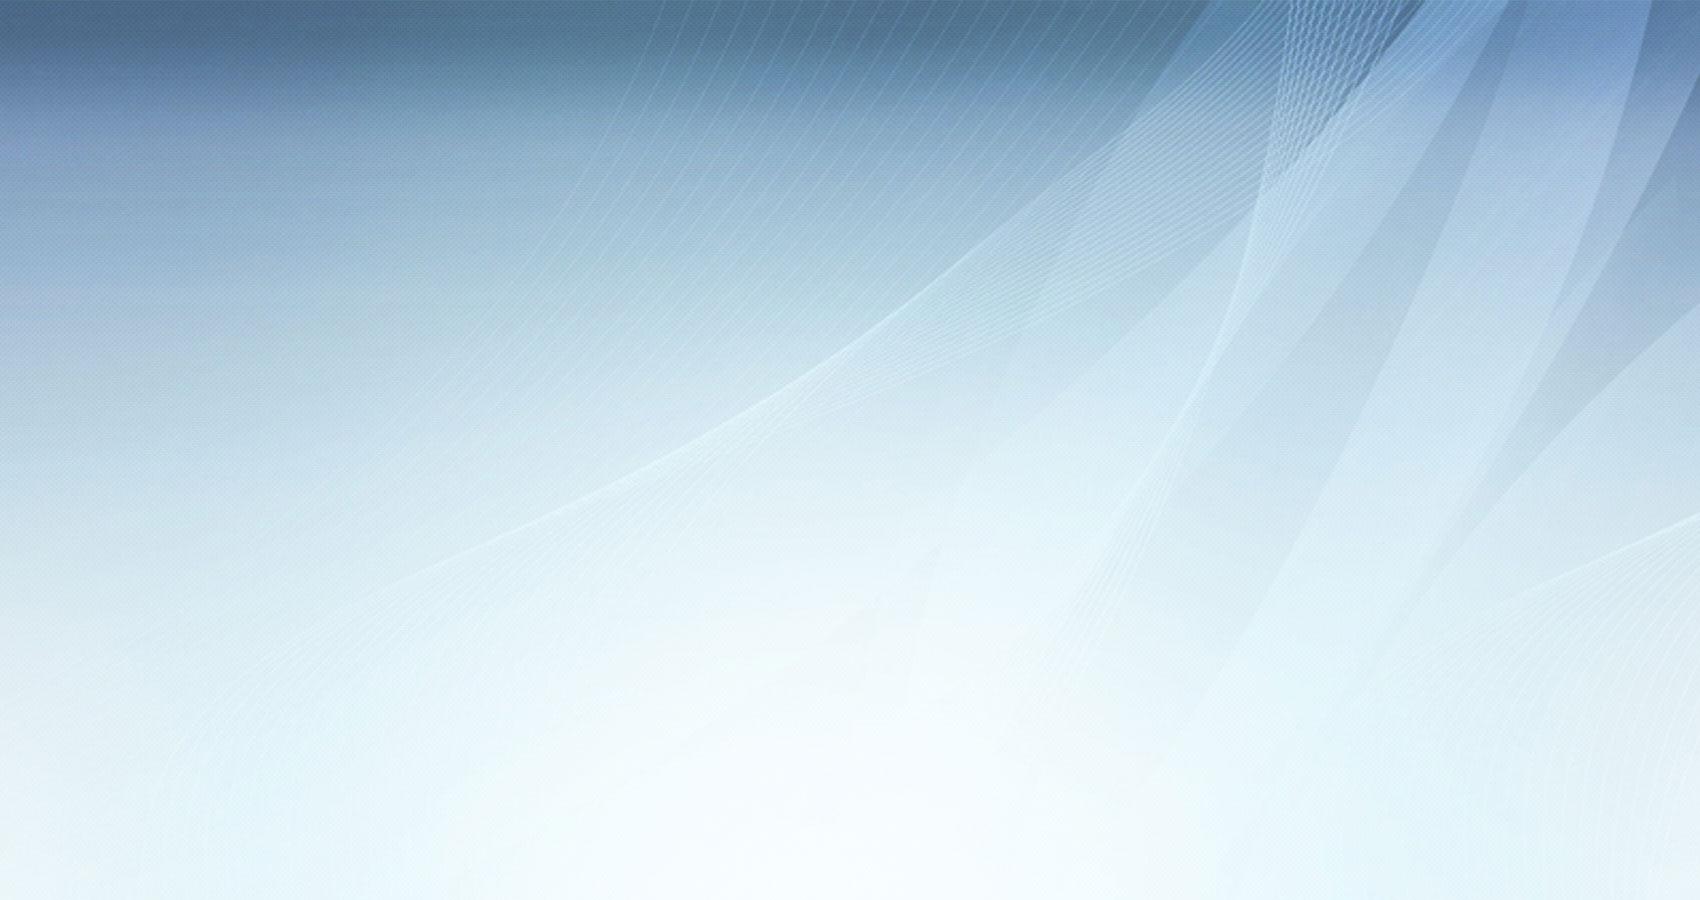 Background-Slider-Image